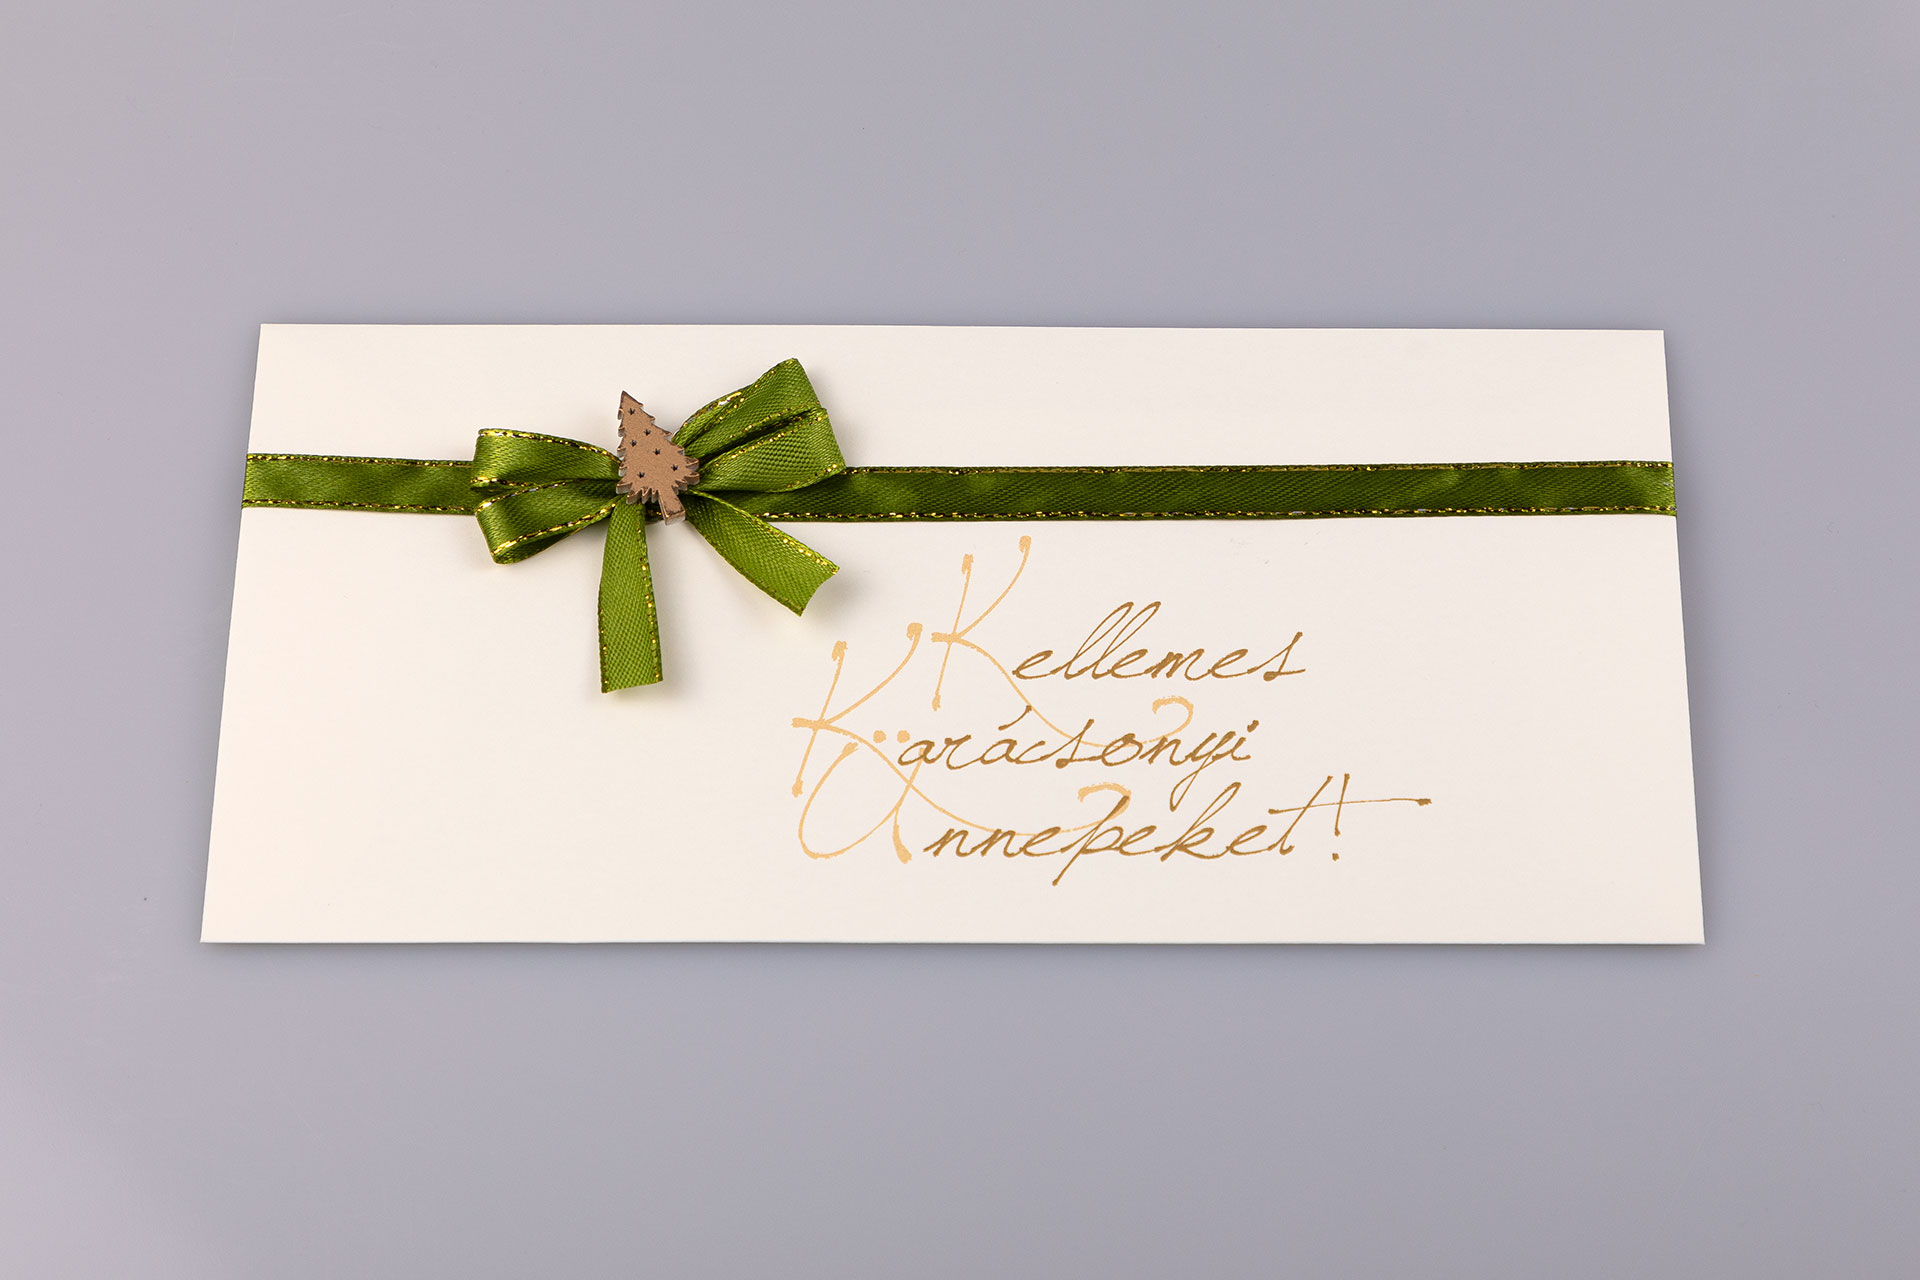 """Francia boríték """"Kellemes Karácsonyi Ünnepeket!"""" felirattal"""